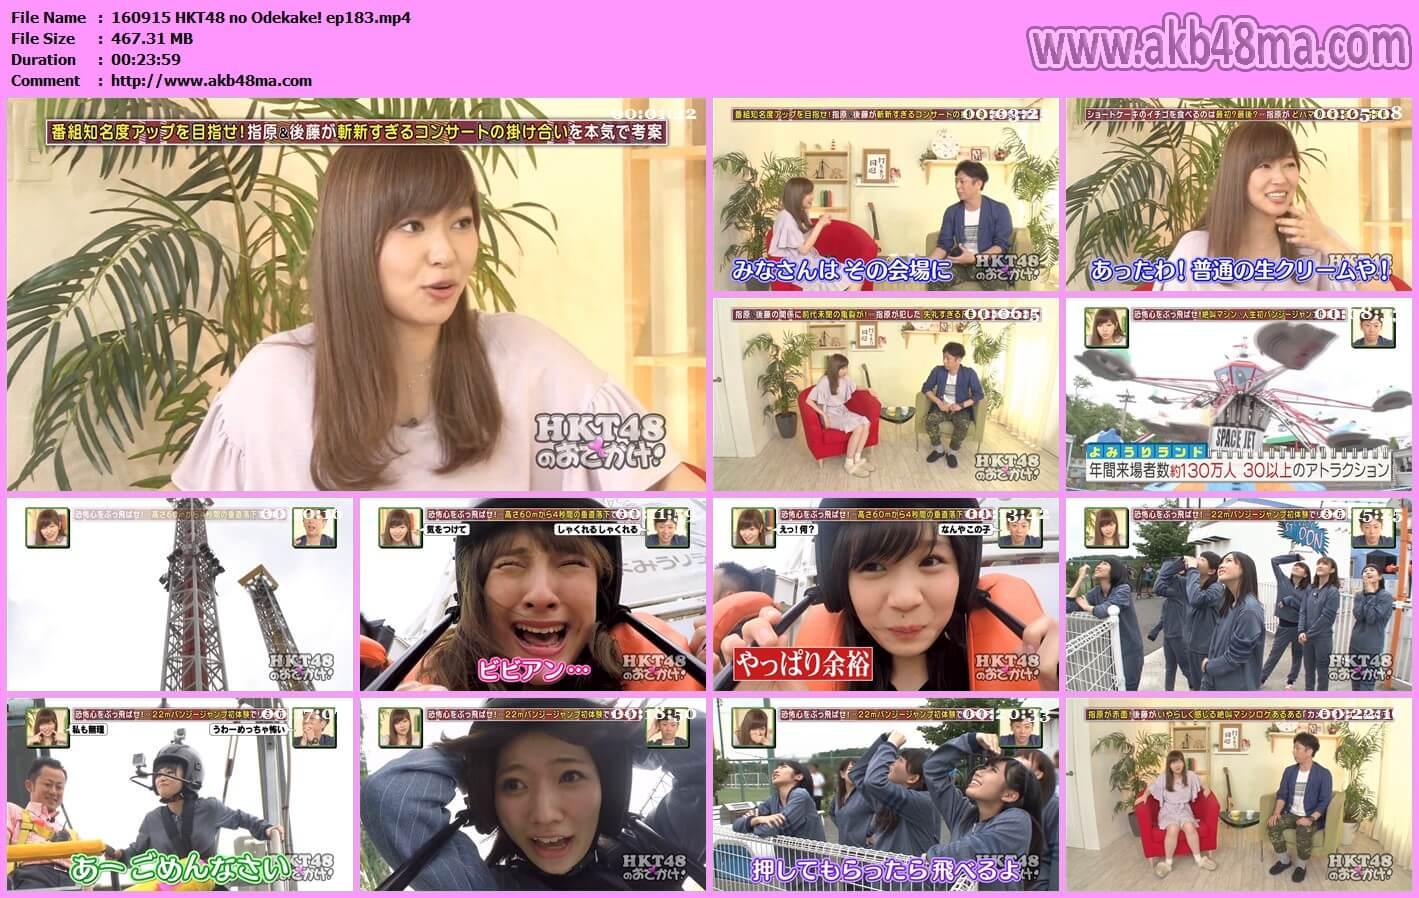 160915 HKT48 no Odekake! ep183